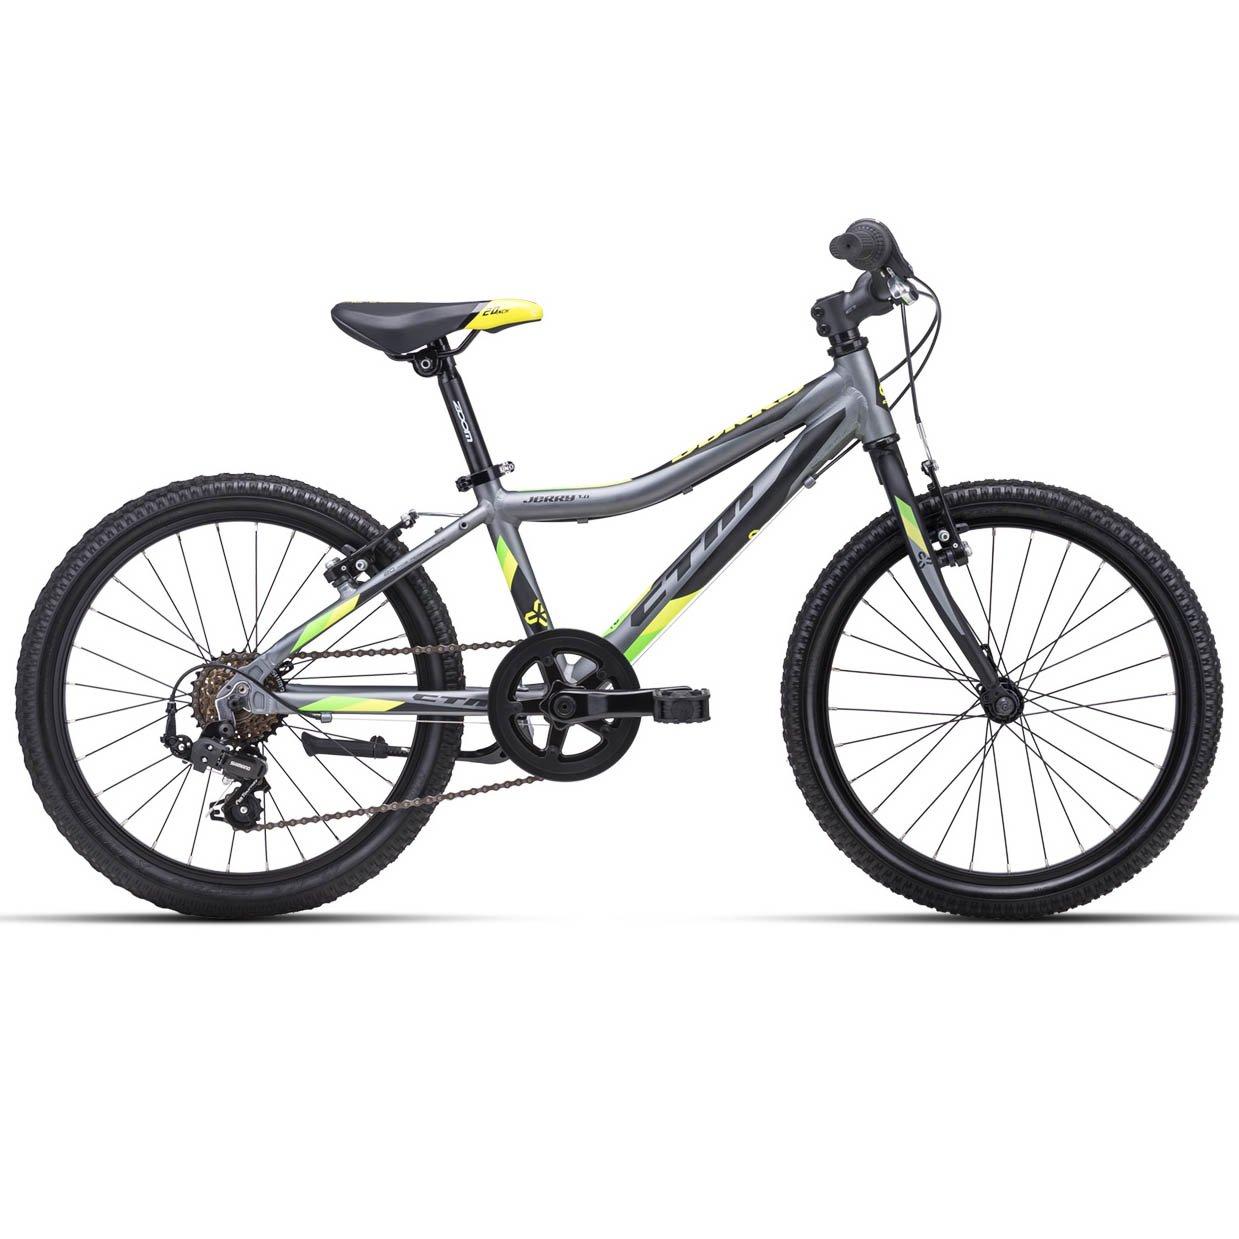 """Bērnu divritenis velosipēds CTM 20"""" Jerry 1.0 matte gray yellow 43.025"""